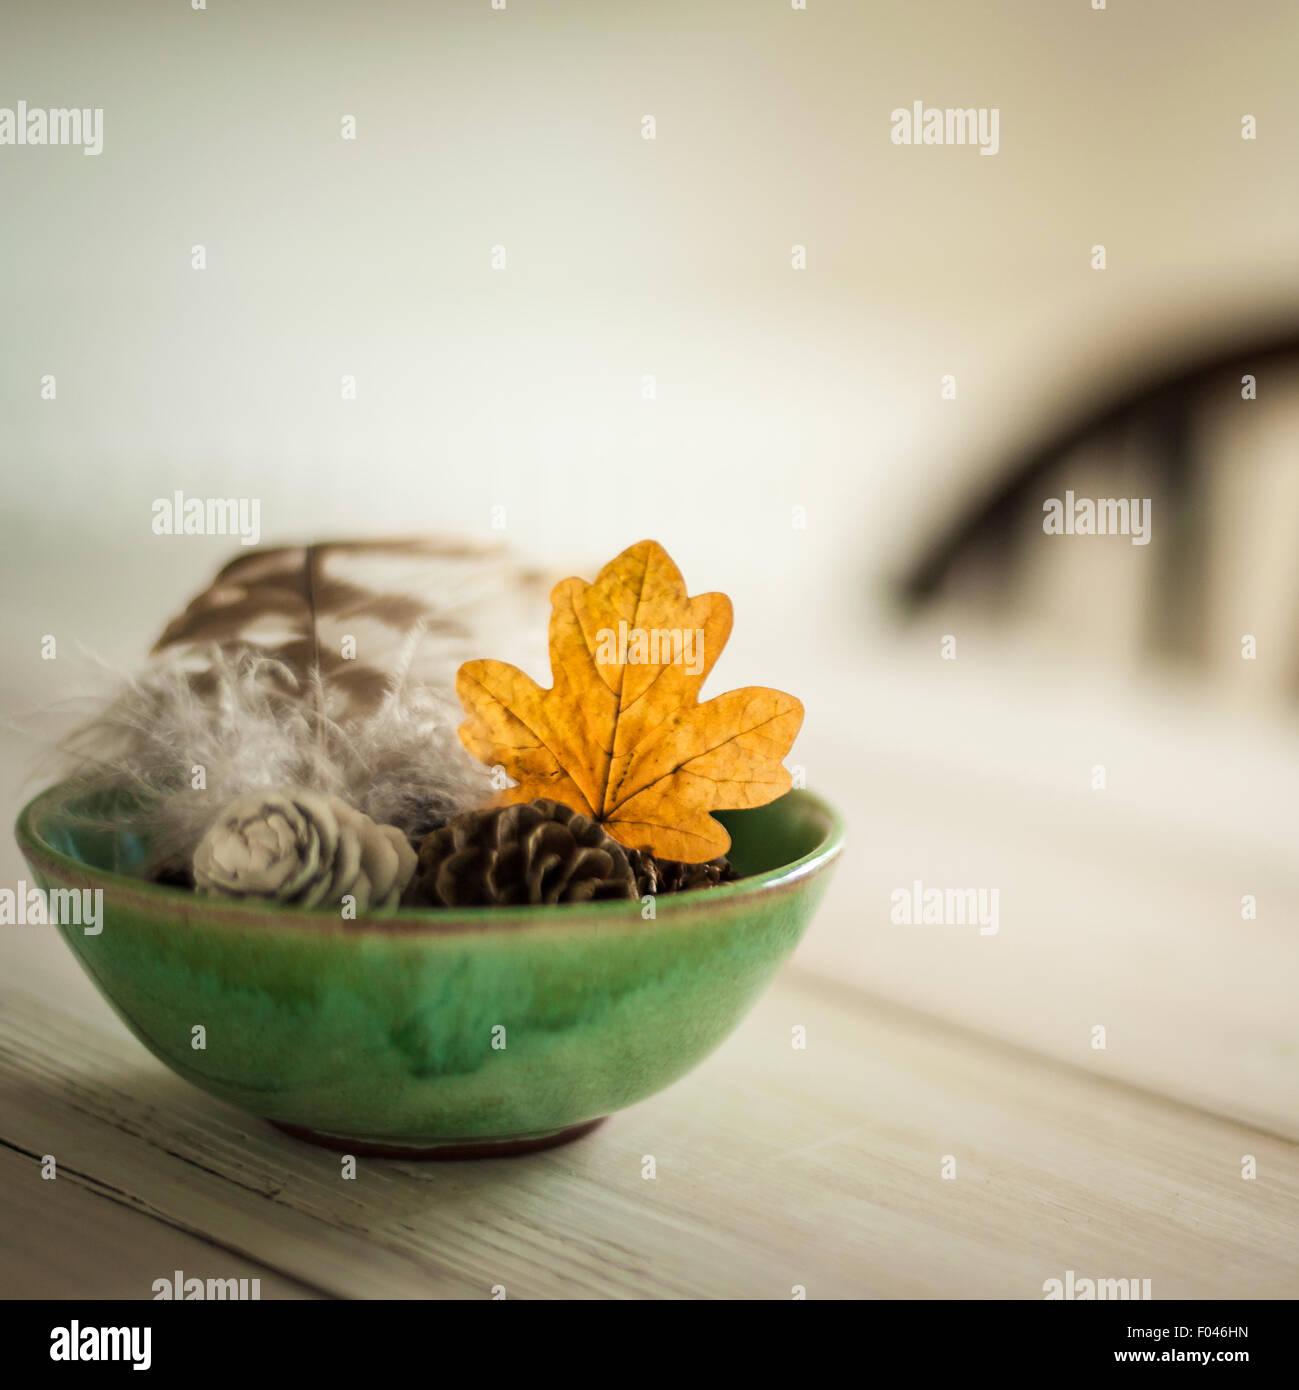 versammelten sich Blätter, Tannenzapfen und Feder in einer grünen Schale auf dem Tisch, mit unscharfen Stockbild